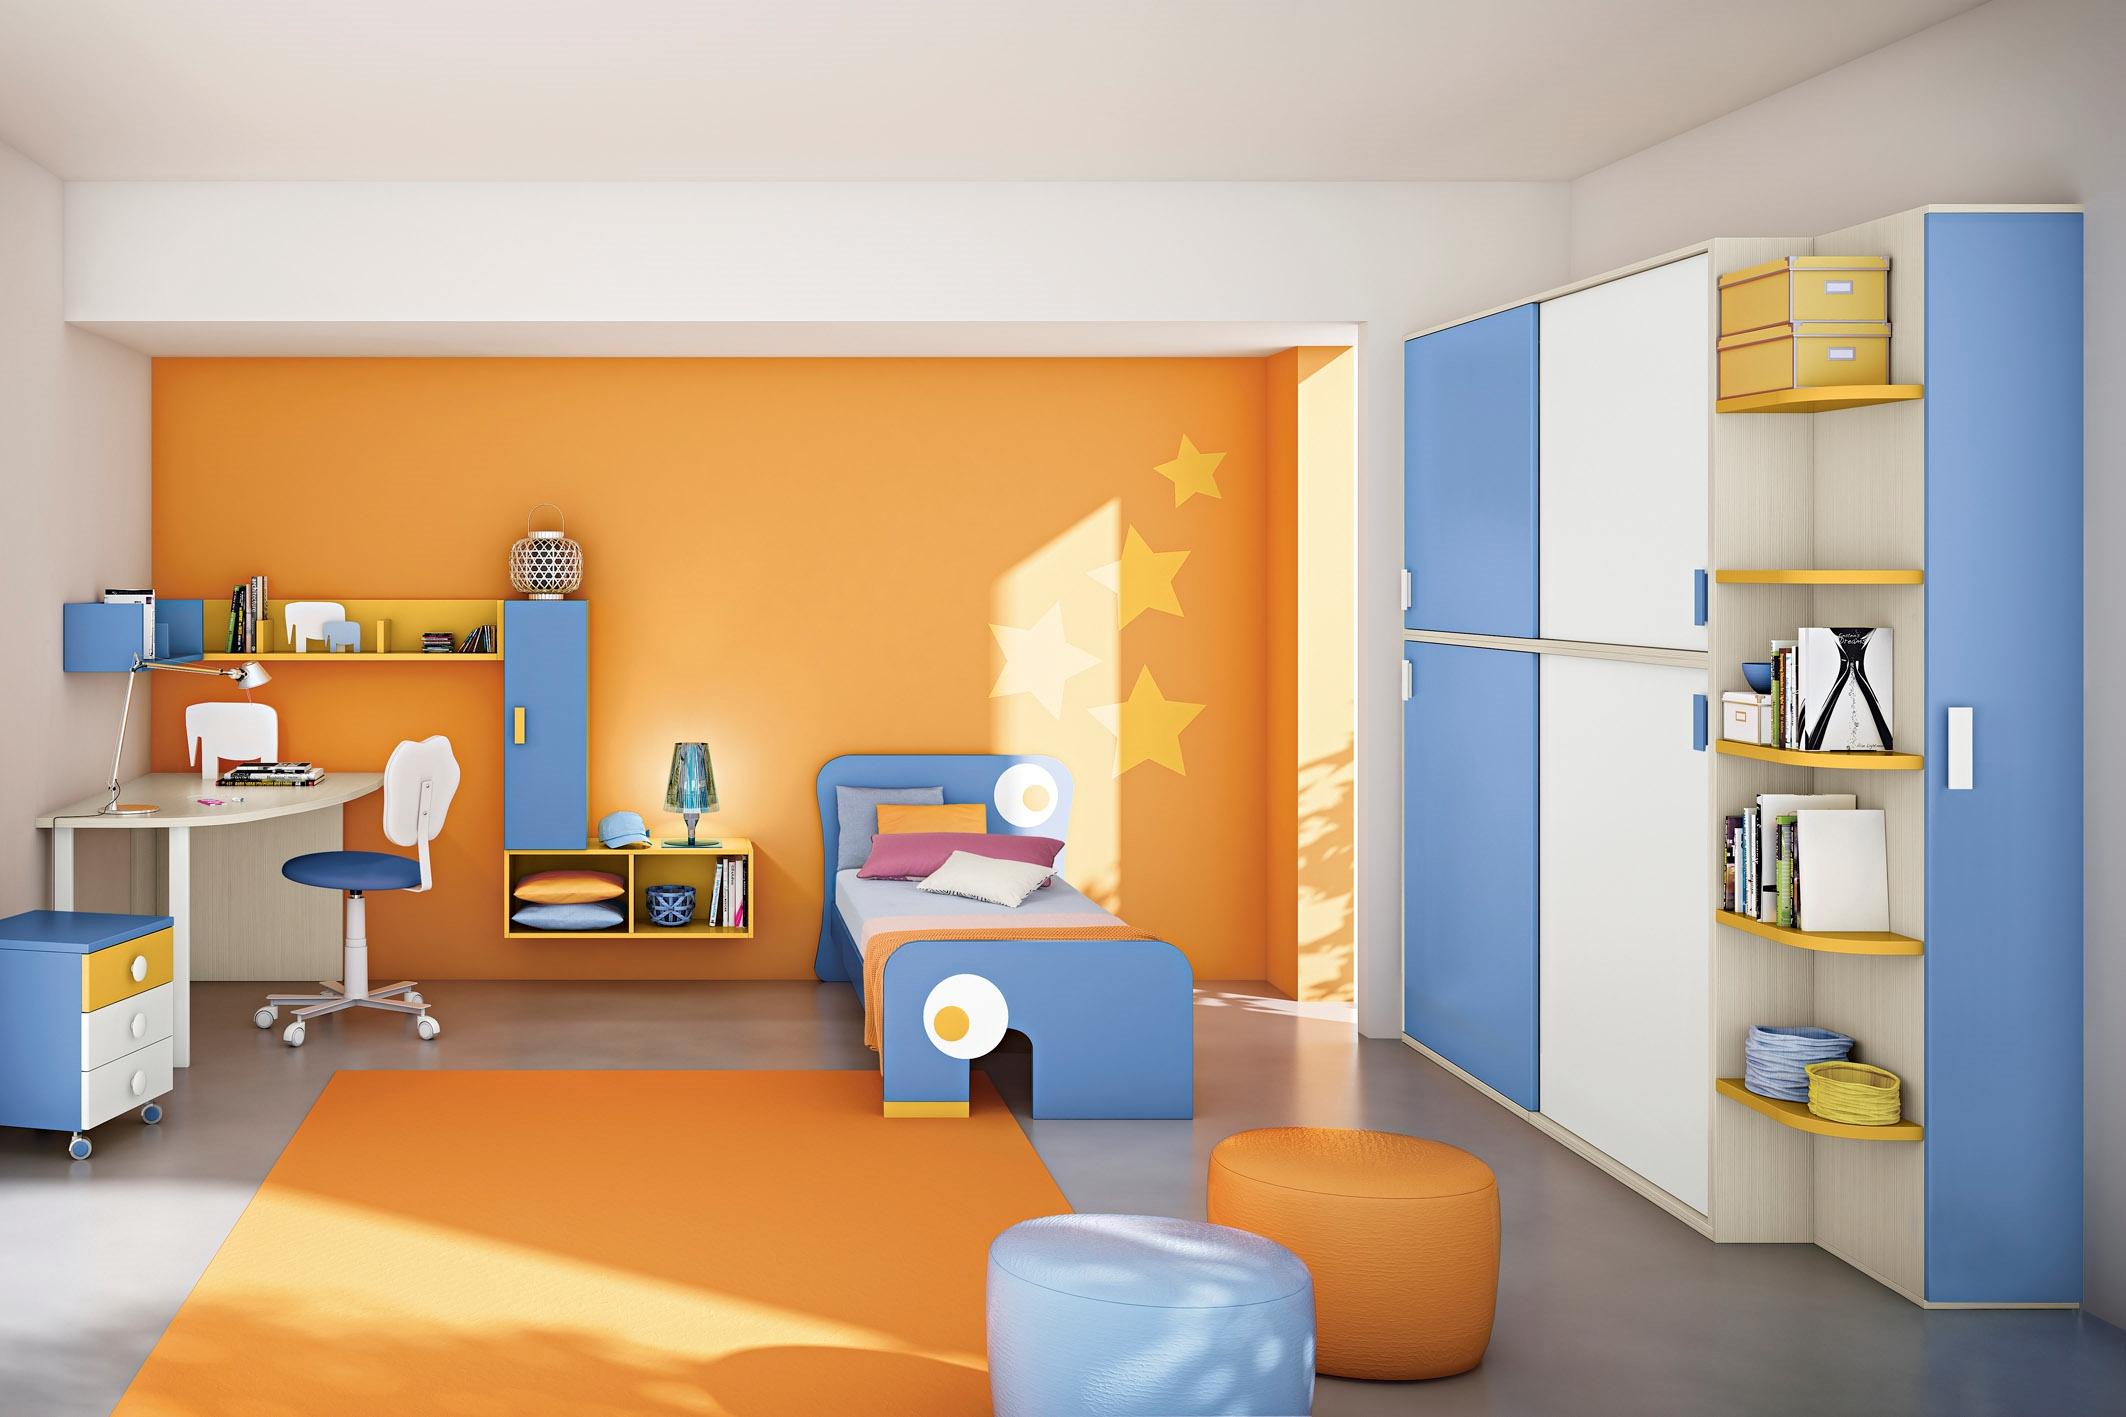 Arredare soggiorno idee - Camerette soppalco prezzi offerte ...